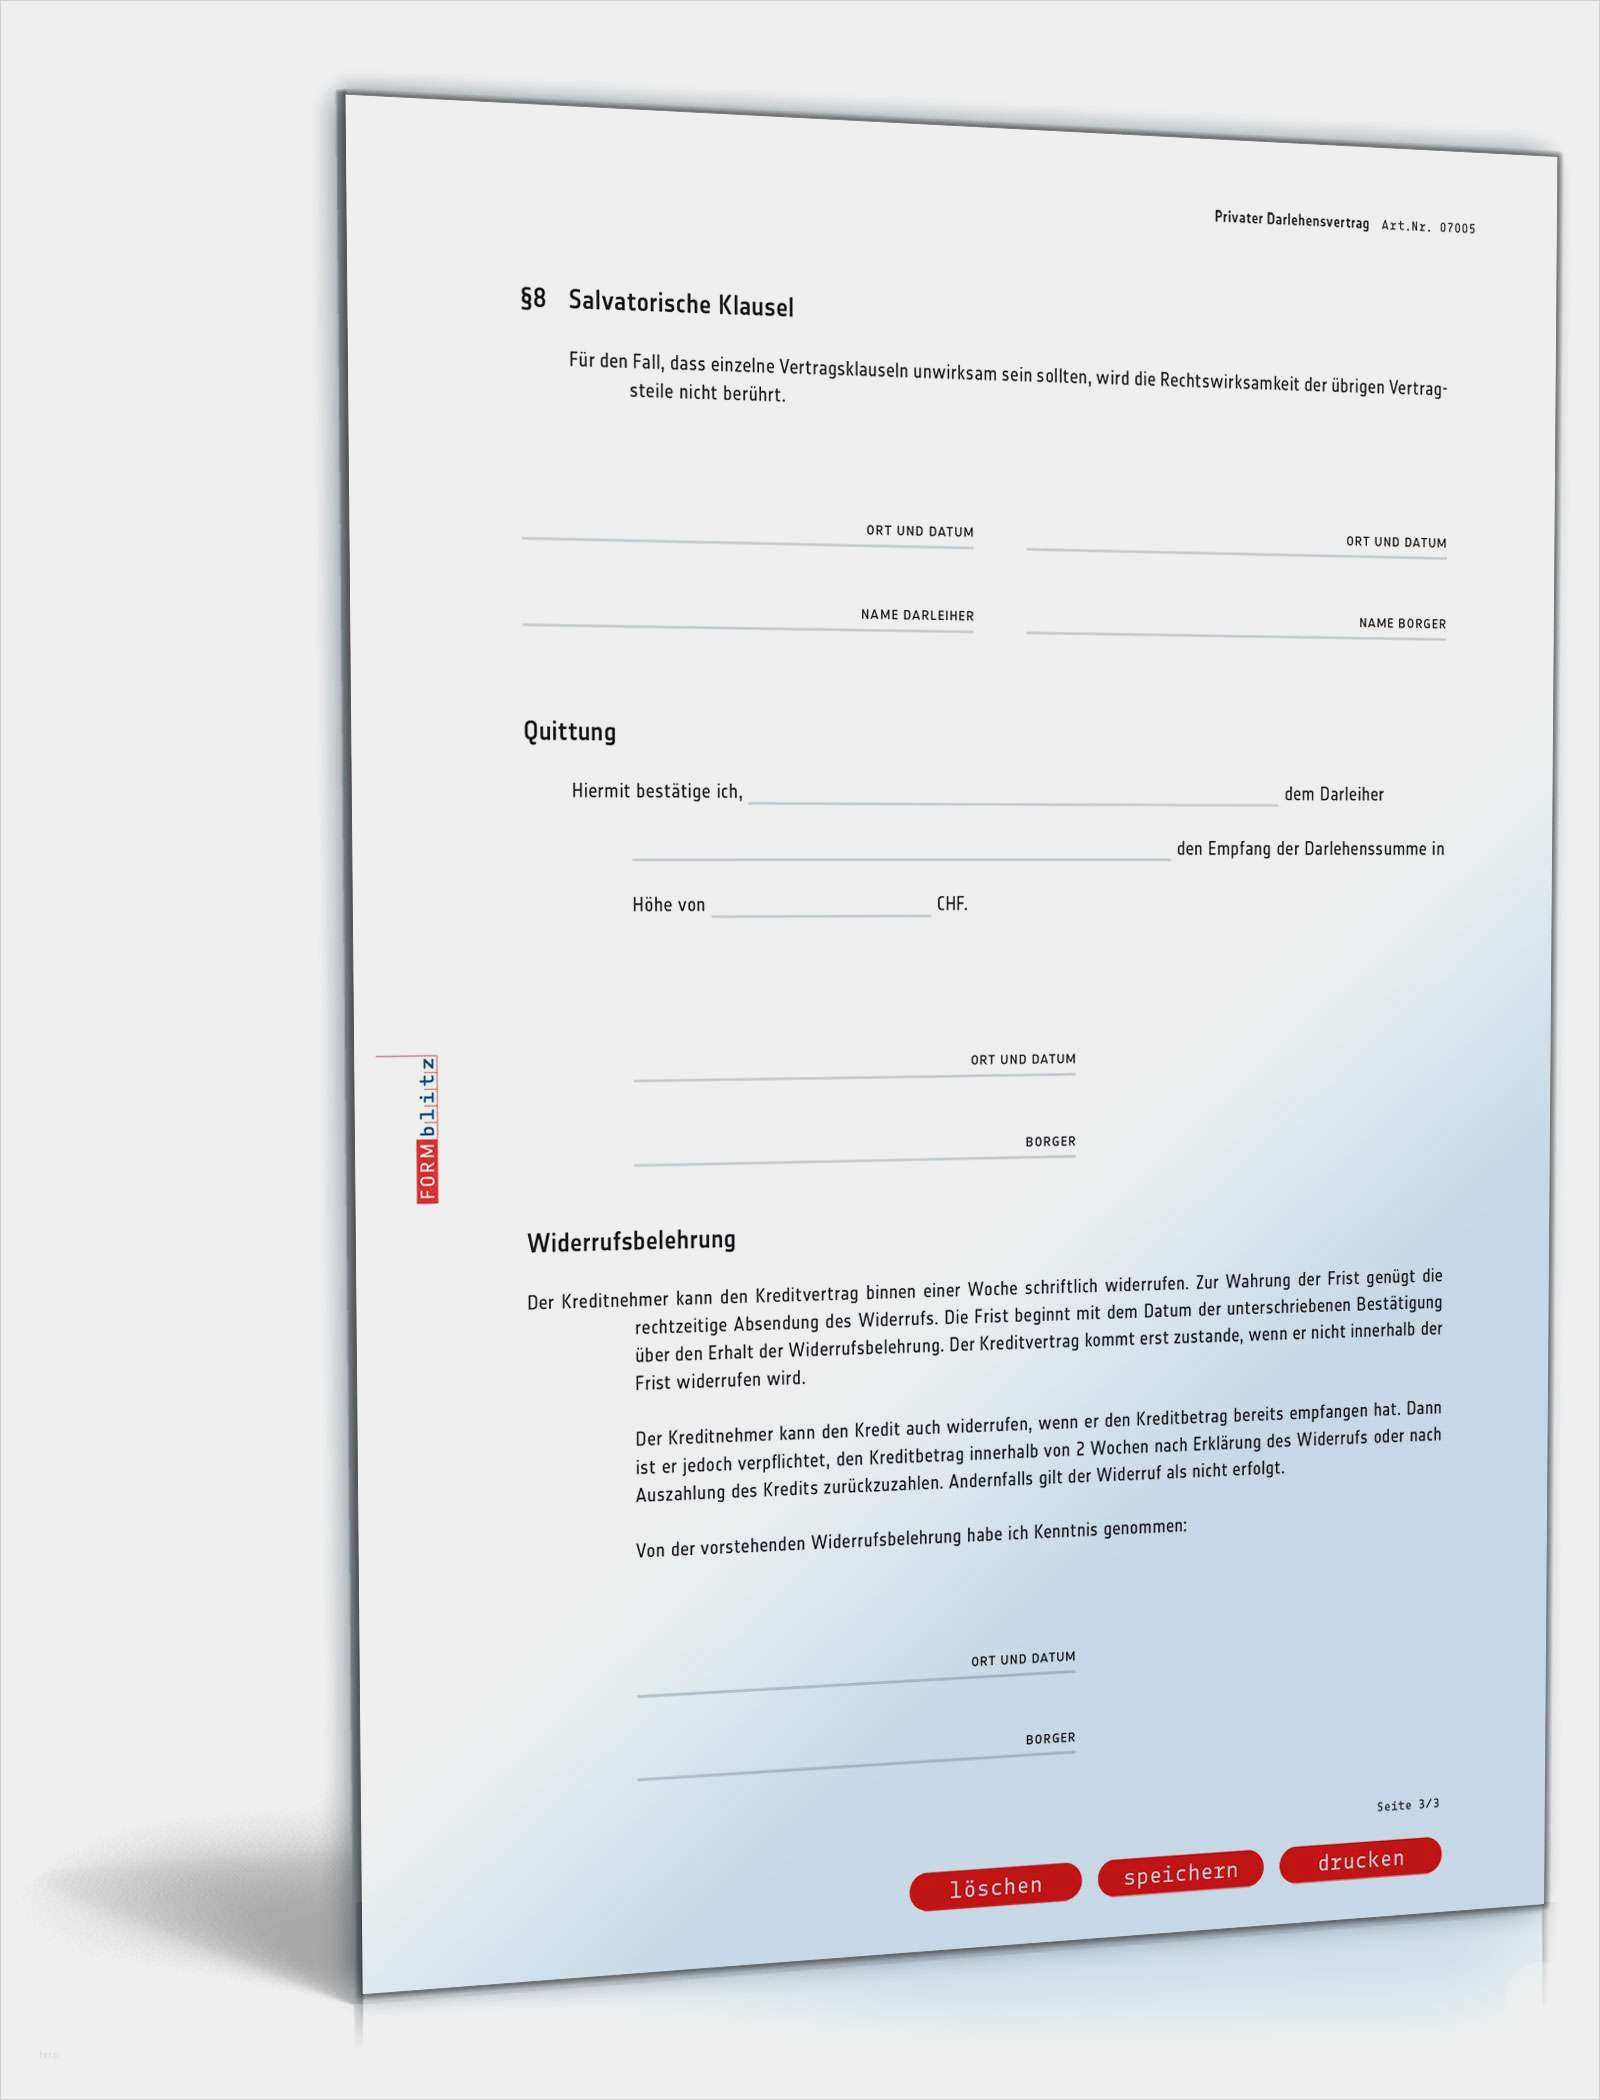 30 Luxus Privater Darlehensvertrag Vorlage Bilder In 2020 Vertrag Vorlagen Finanzen